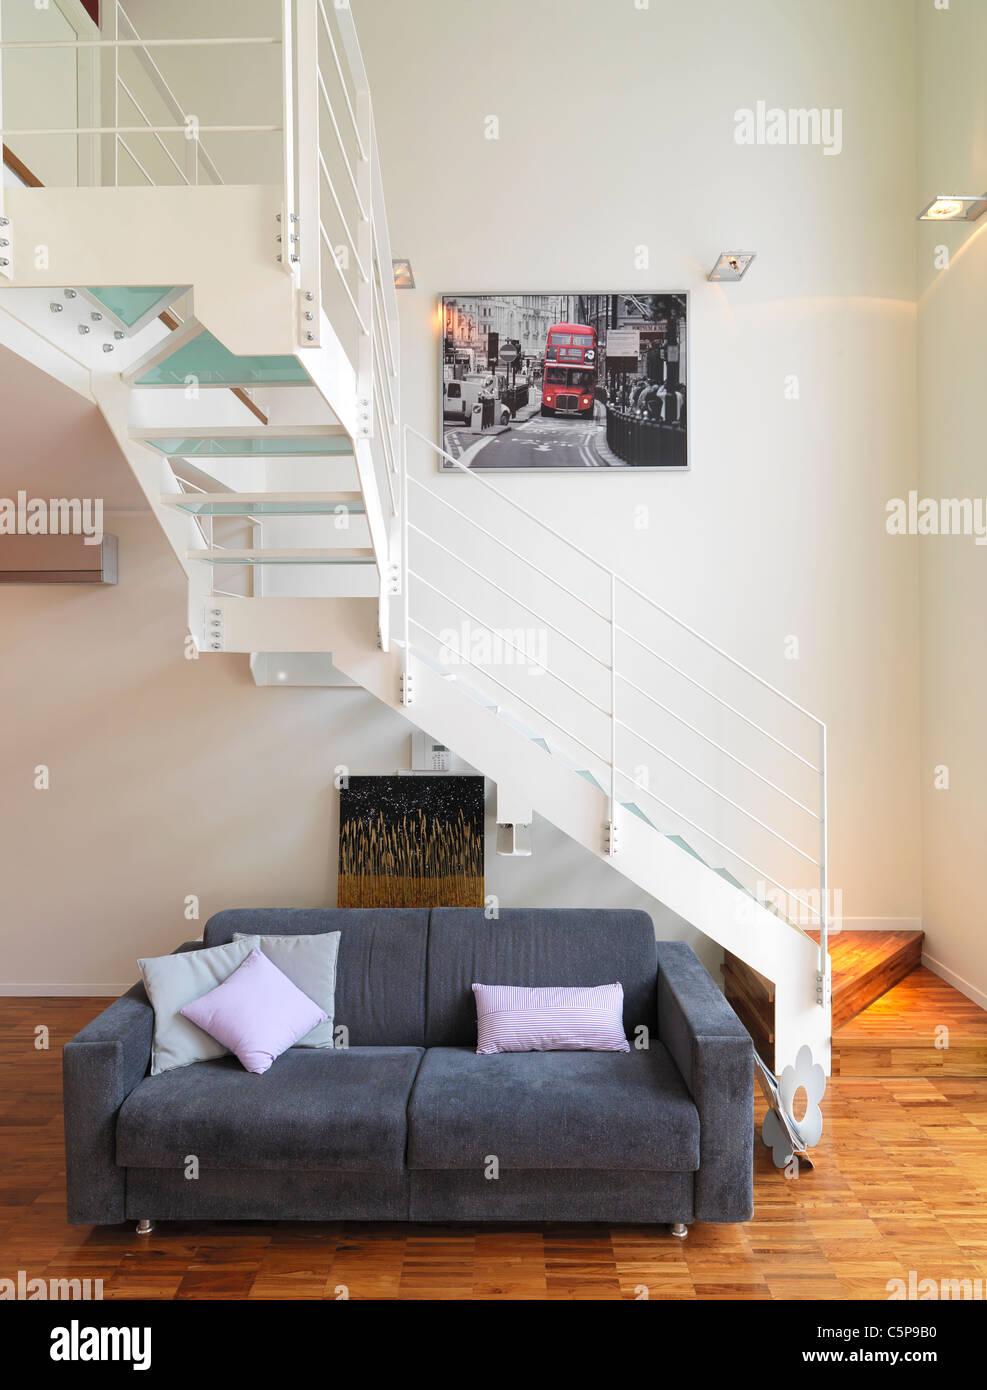 Canapé gris près de un escalier avec plancher de bois dans le salon Photo Stock